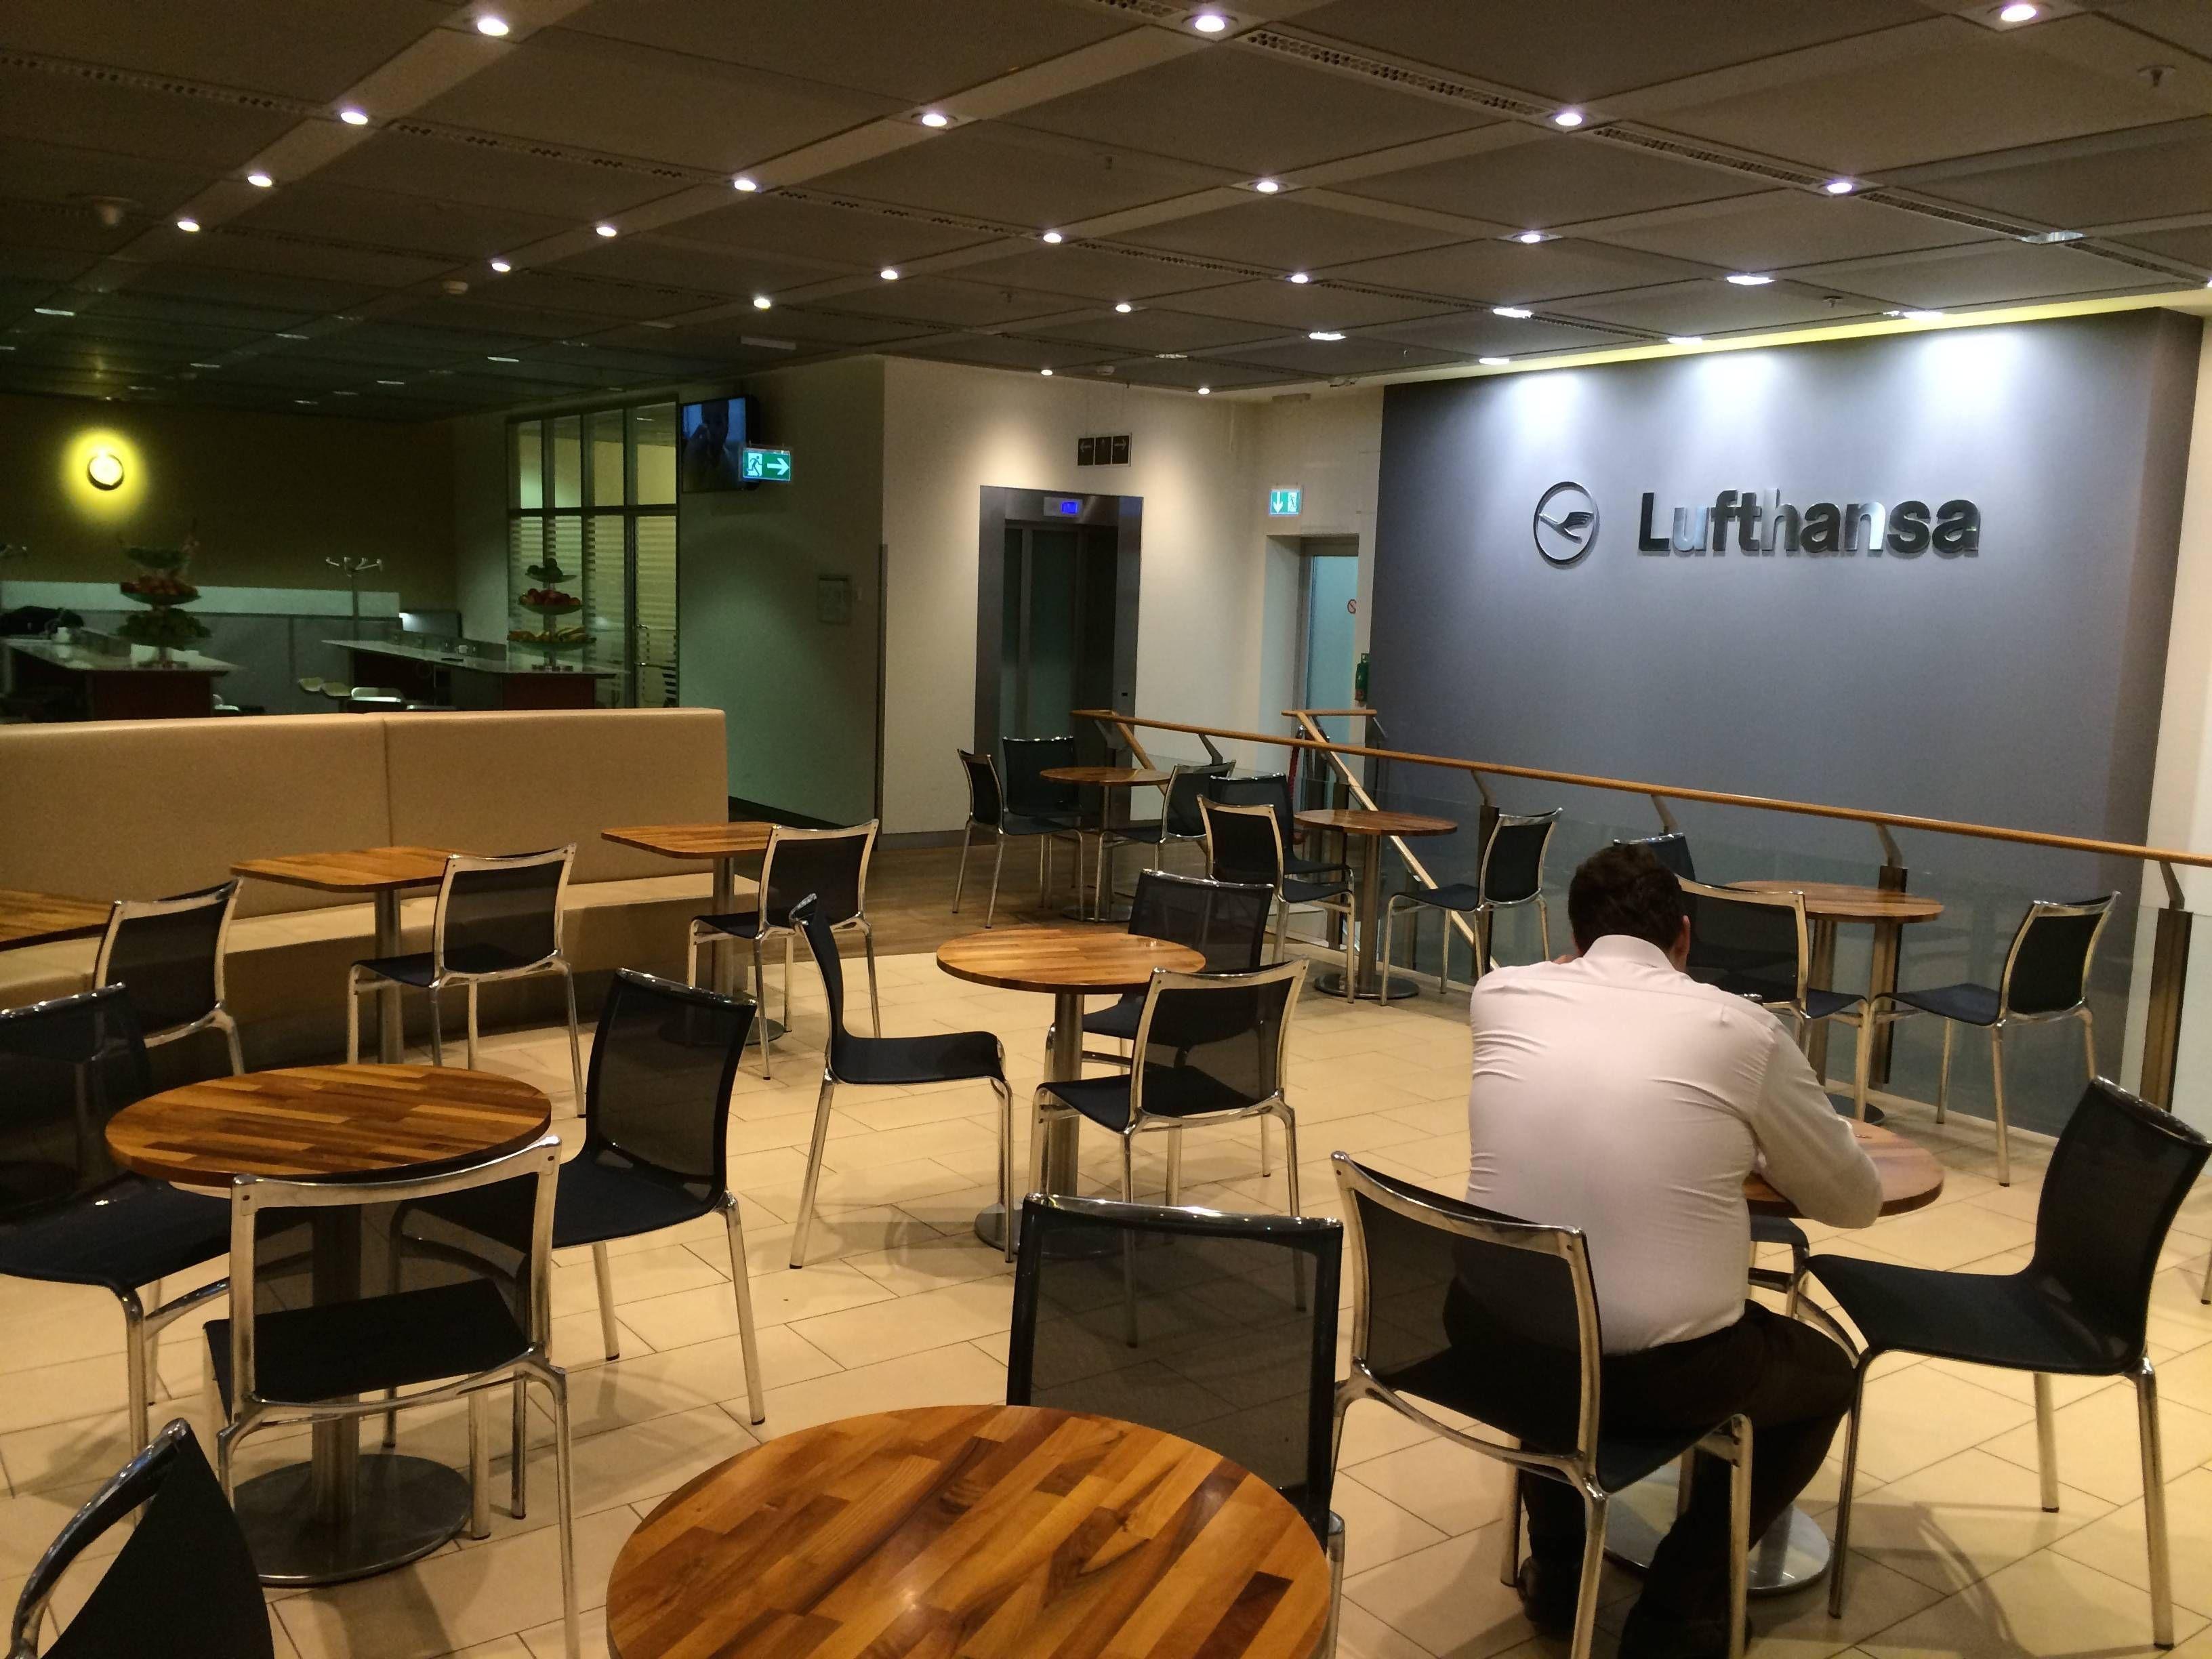 lufthansa arrival lounge frankfurt - passageirodeprimeira